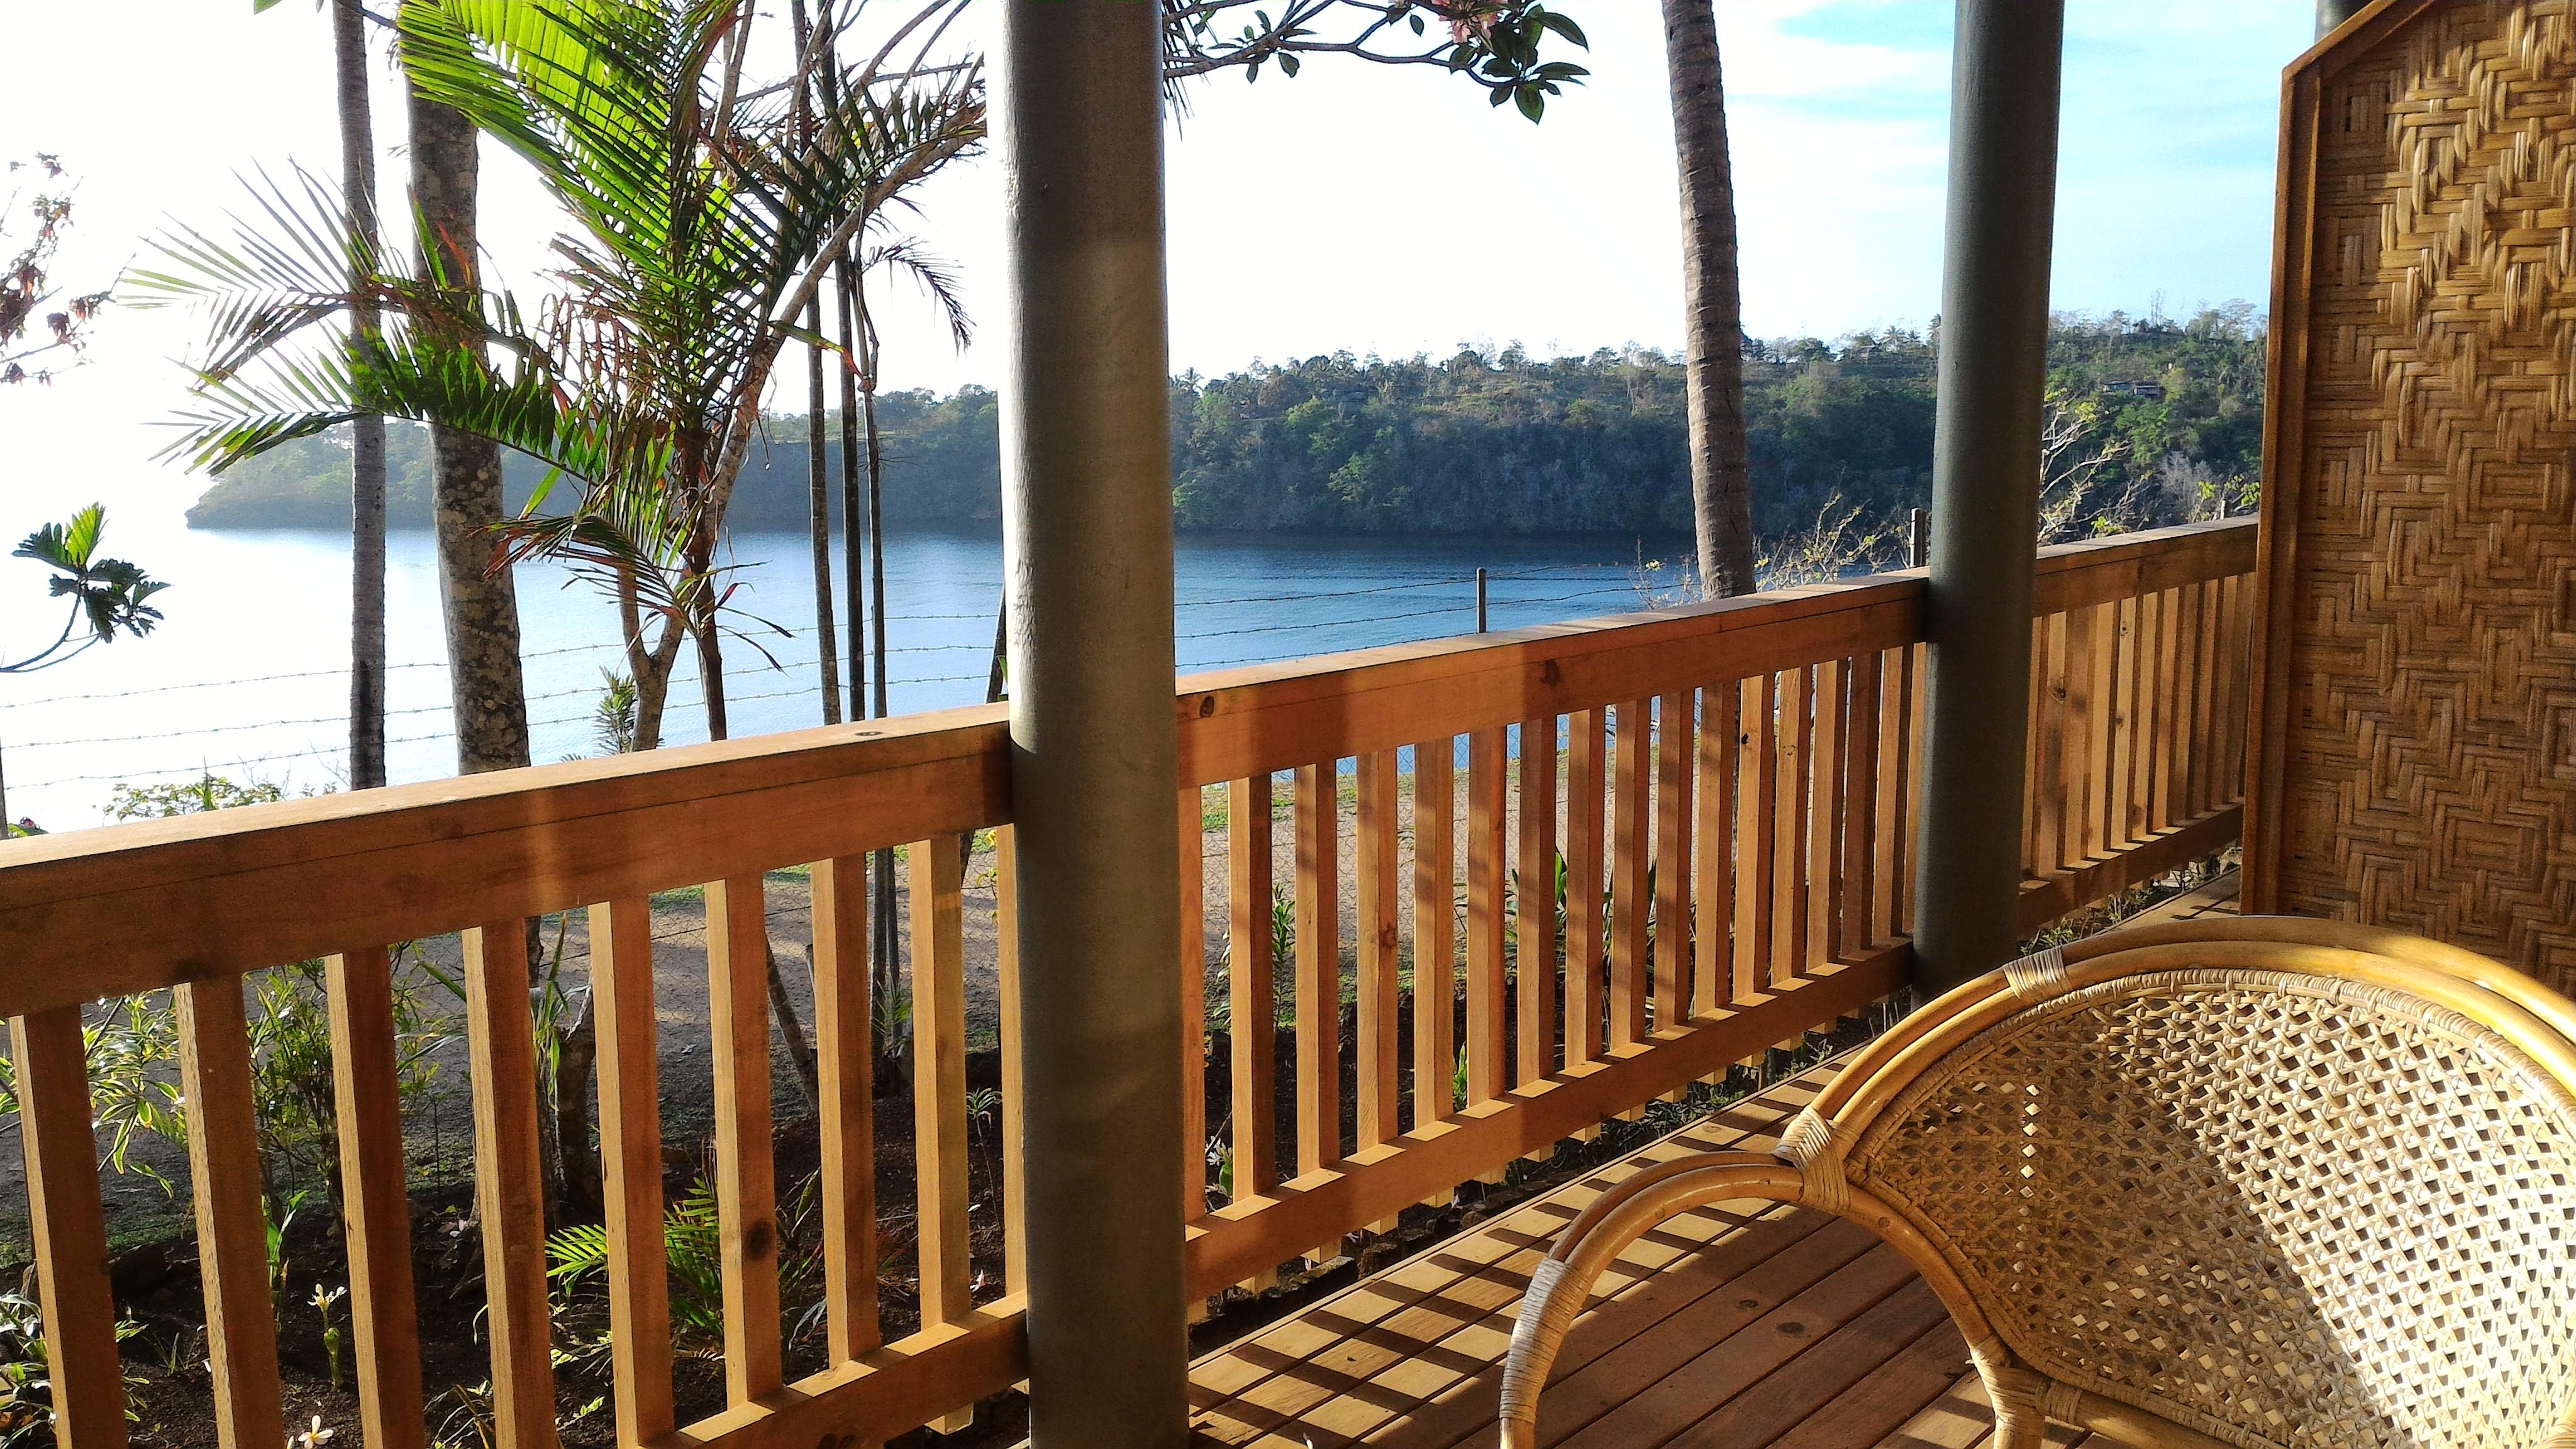 201511PNG_tufi_Resort_Hotel_terrace